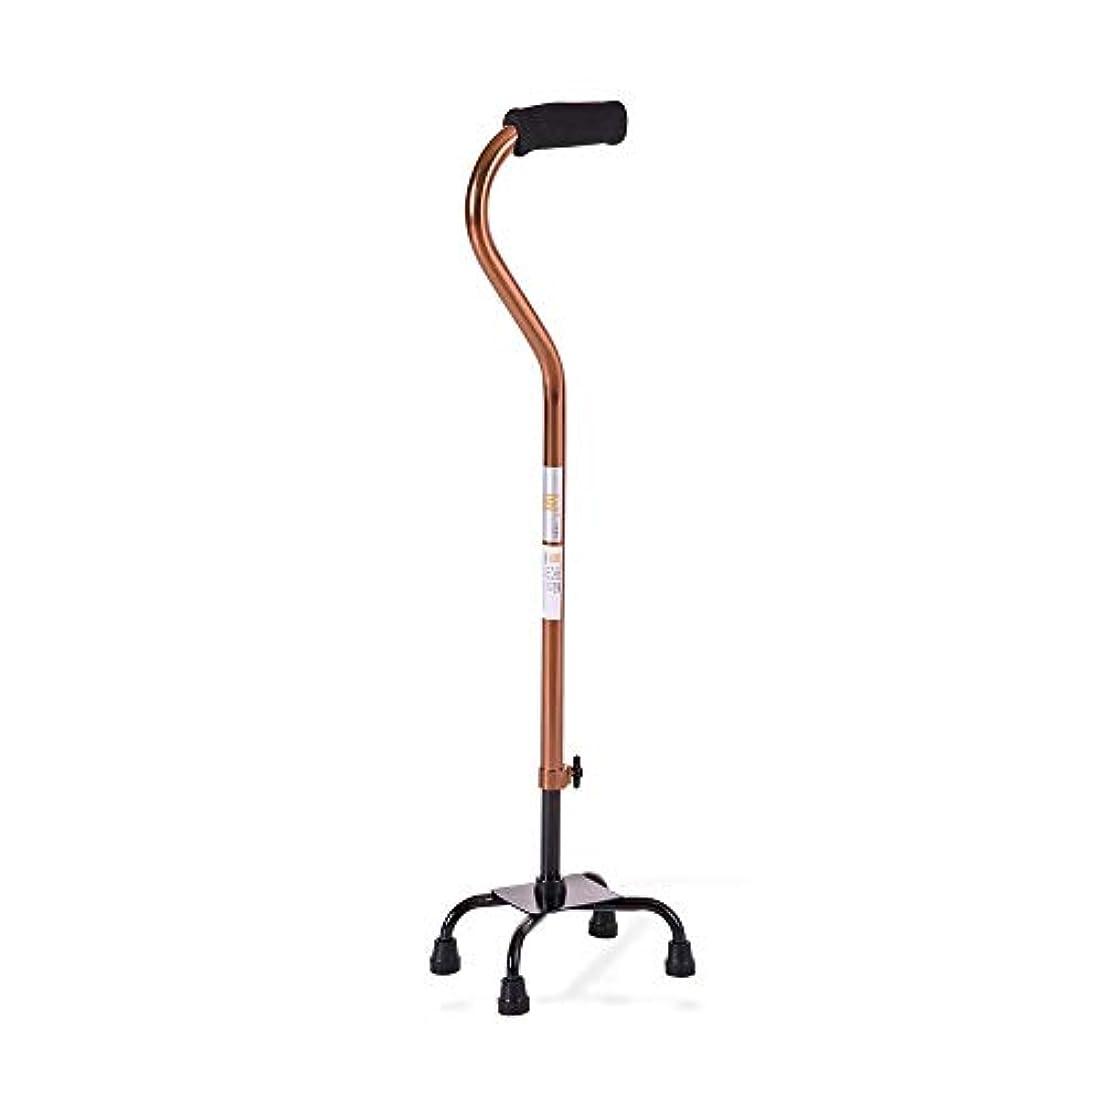 水曜日祖母些細なエクストラストロングベース付きの調整可能な4本脚の杖